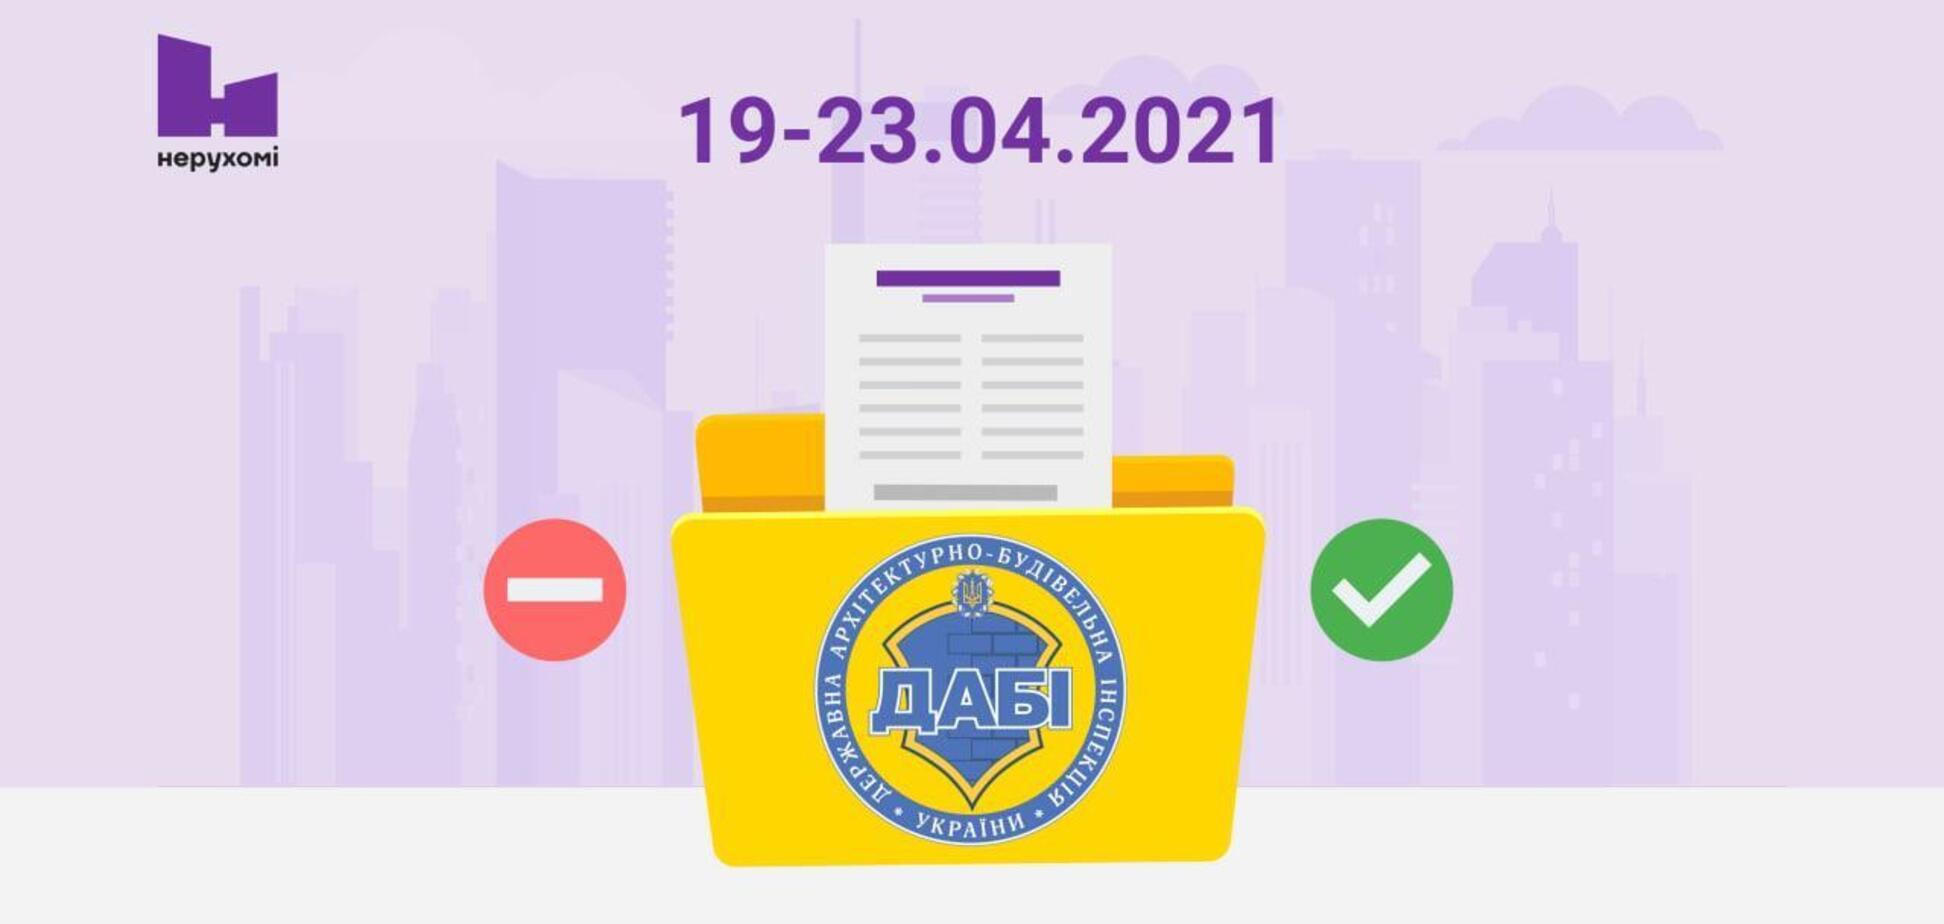 ГАСИ снова выдала разрешения на ЖК, несмотря на нарушения: недельный обзор